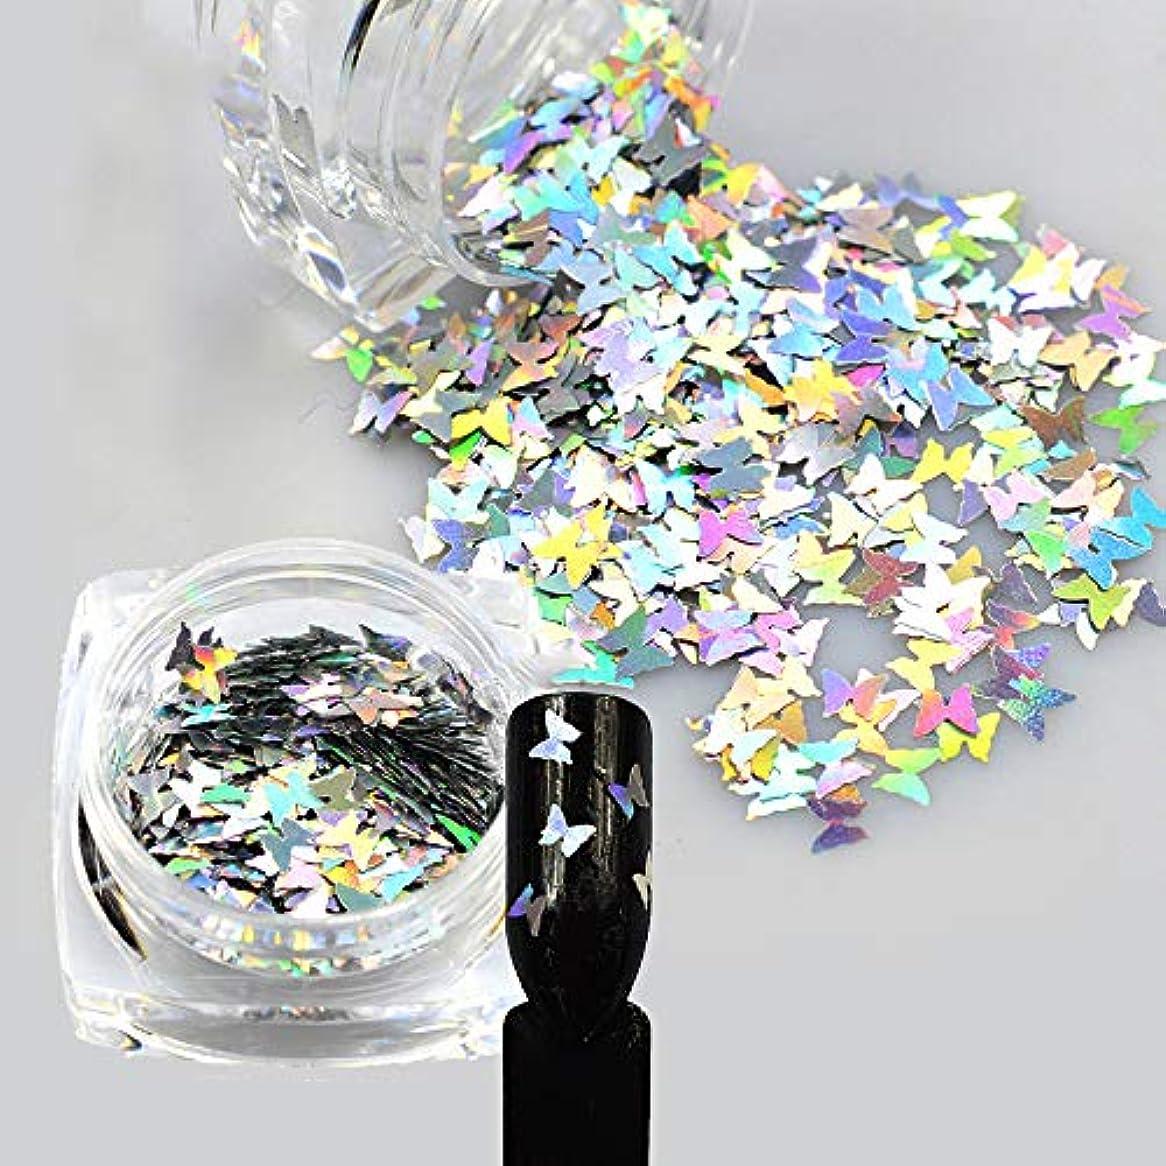 話す慈善シェーバー1ピースレーザー光沢のあるダイヤモンドラウンド超薄型スパンコールネイルアートキラキラのヒントUVジェル3DバタフライスパンコールレーザーマジックシルバーバタフライスパンコールネイルデコレーションマニキュアDIYアクセサリー